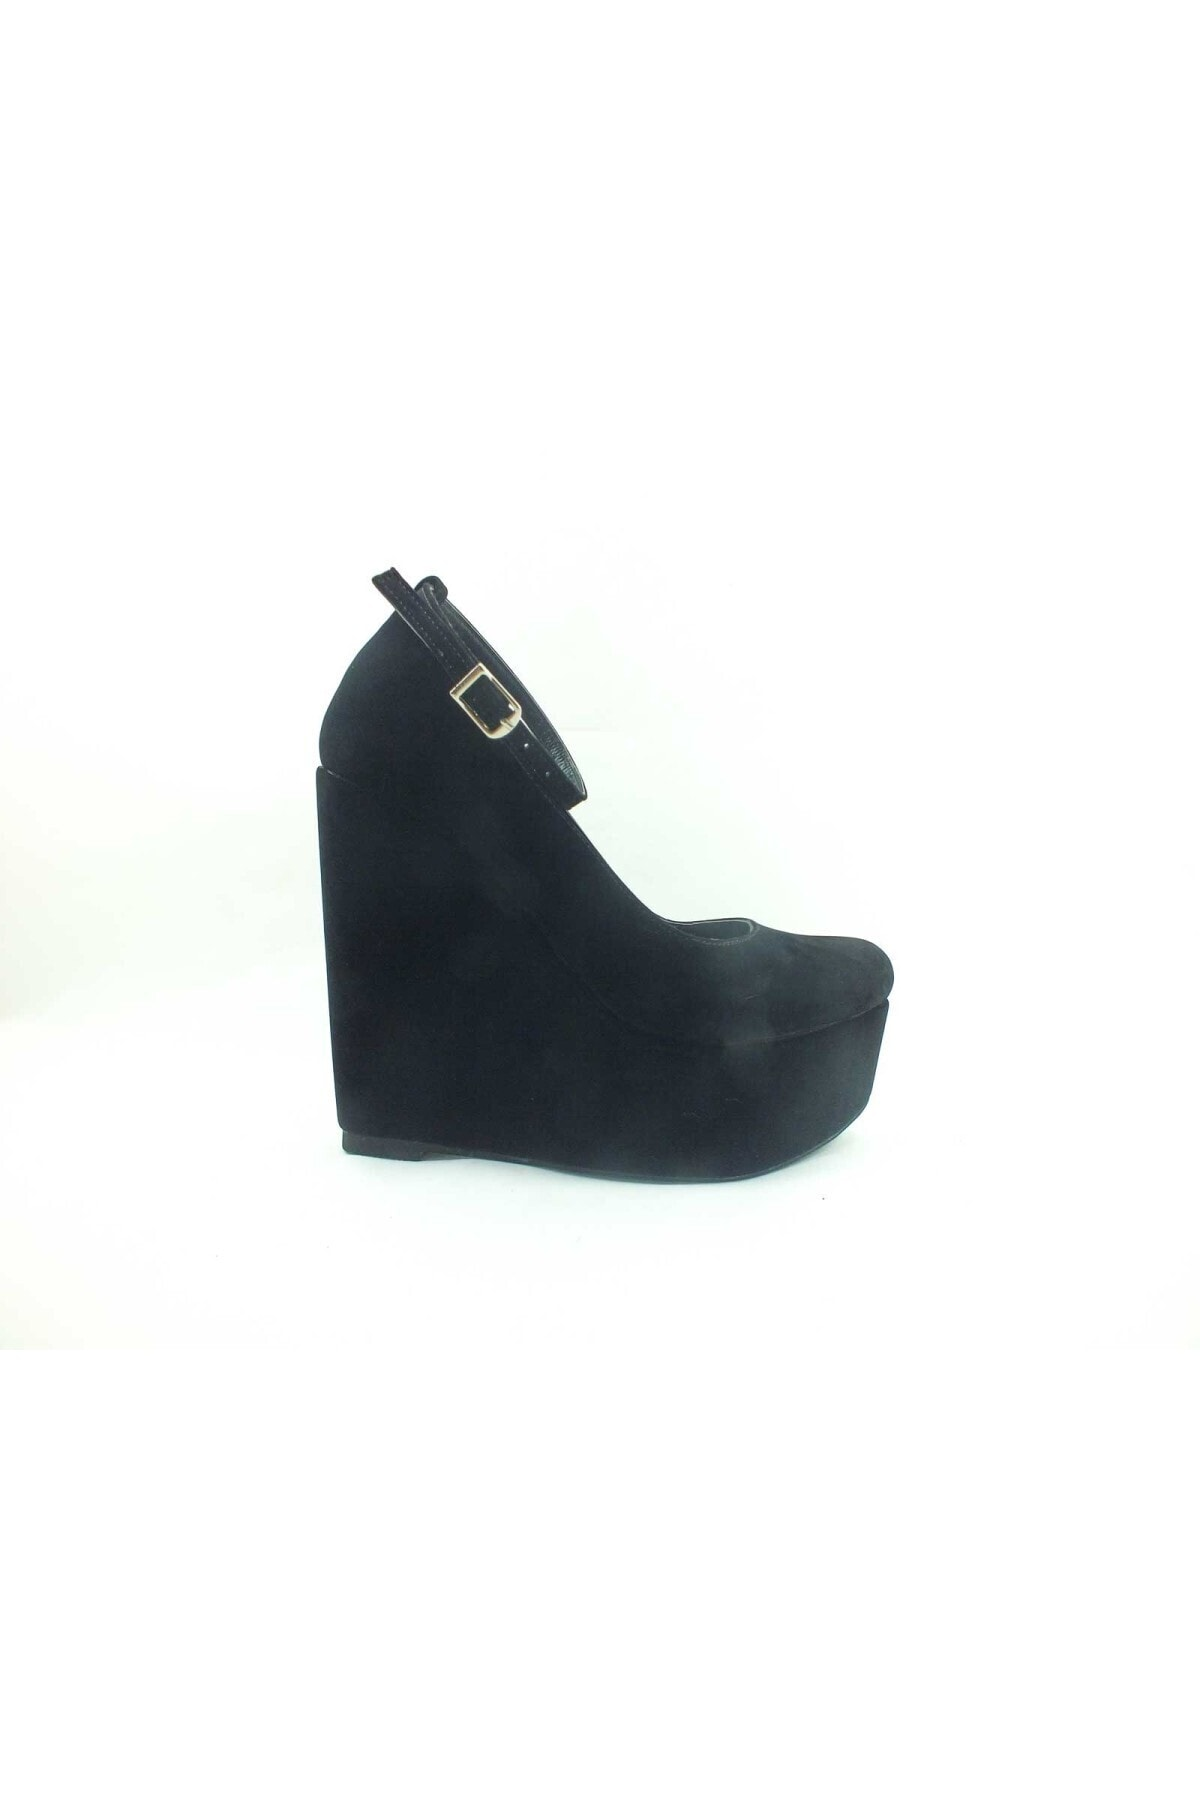 Çarıkçım Dolgu Topuklu Platform Bayan Ayakkabı - Siyah-süet - 190 1